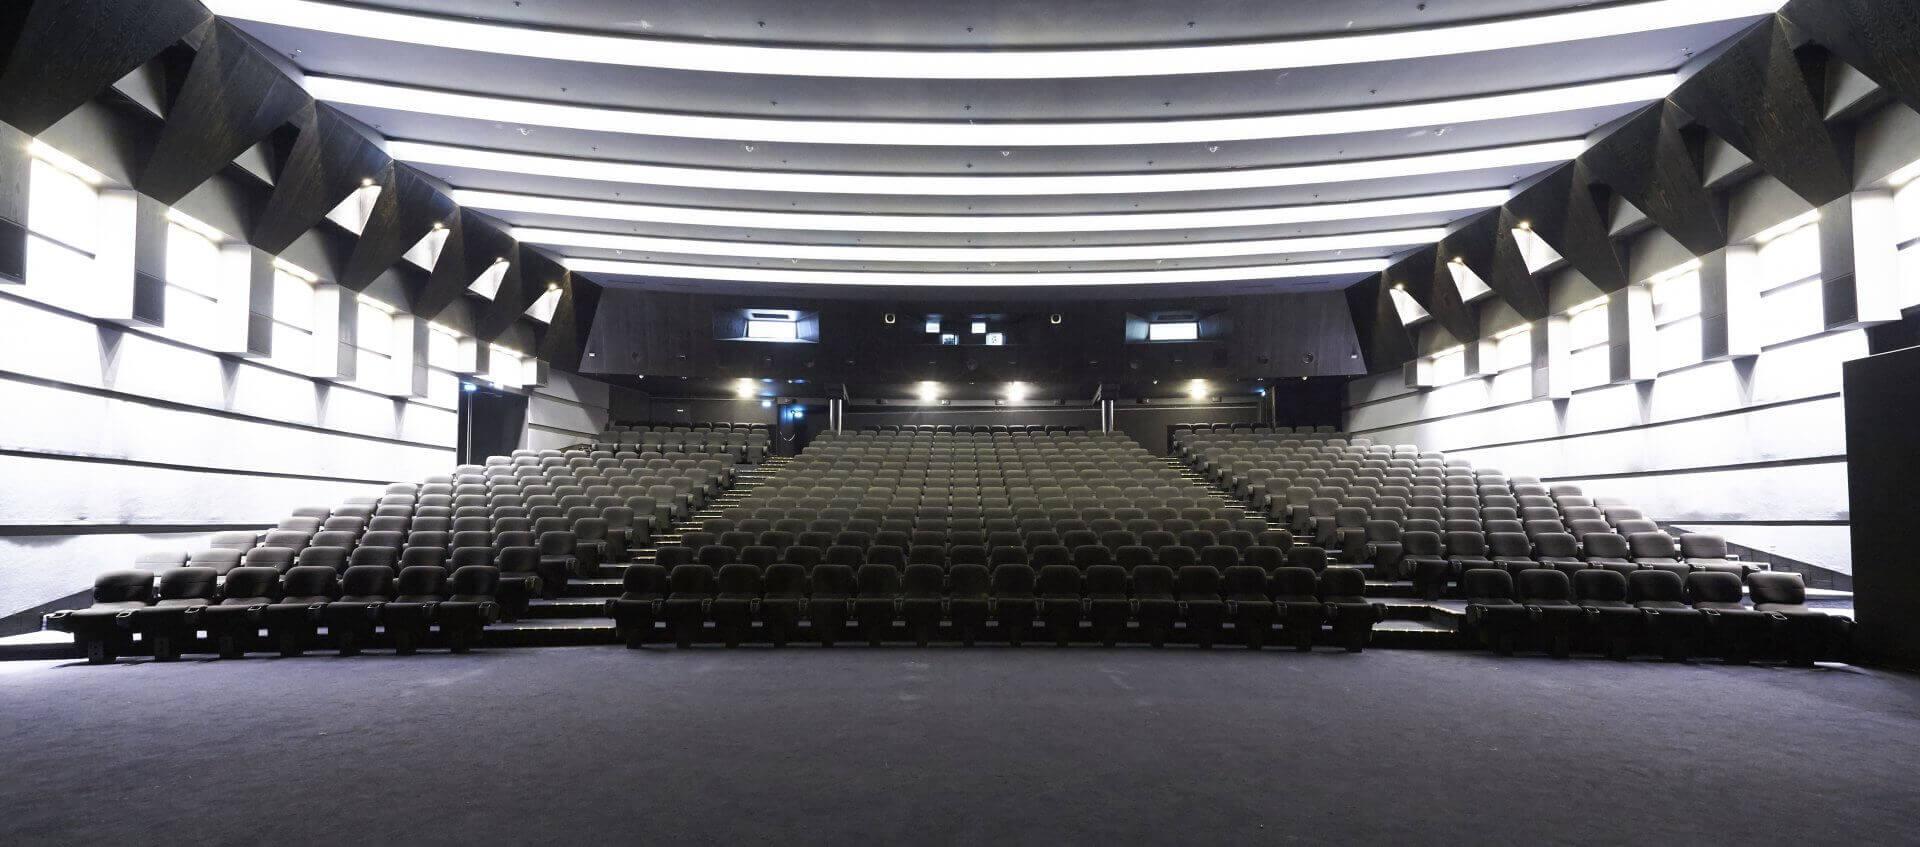 Kleslo -Ottoman Inertie - Leader de fabrication de fauteuils cinéma, théâtre ...UGC les hallesv8